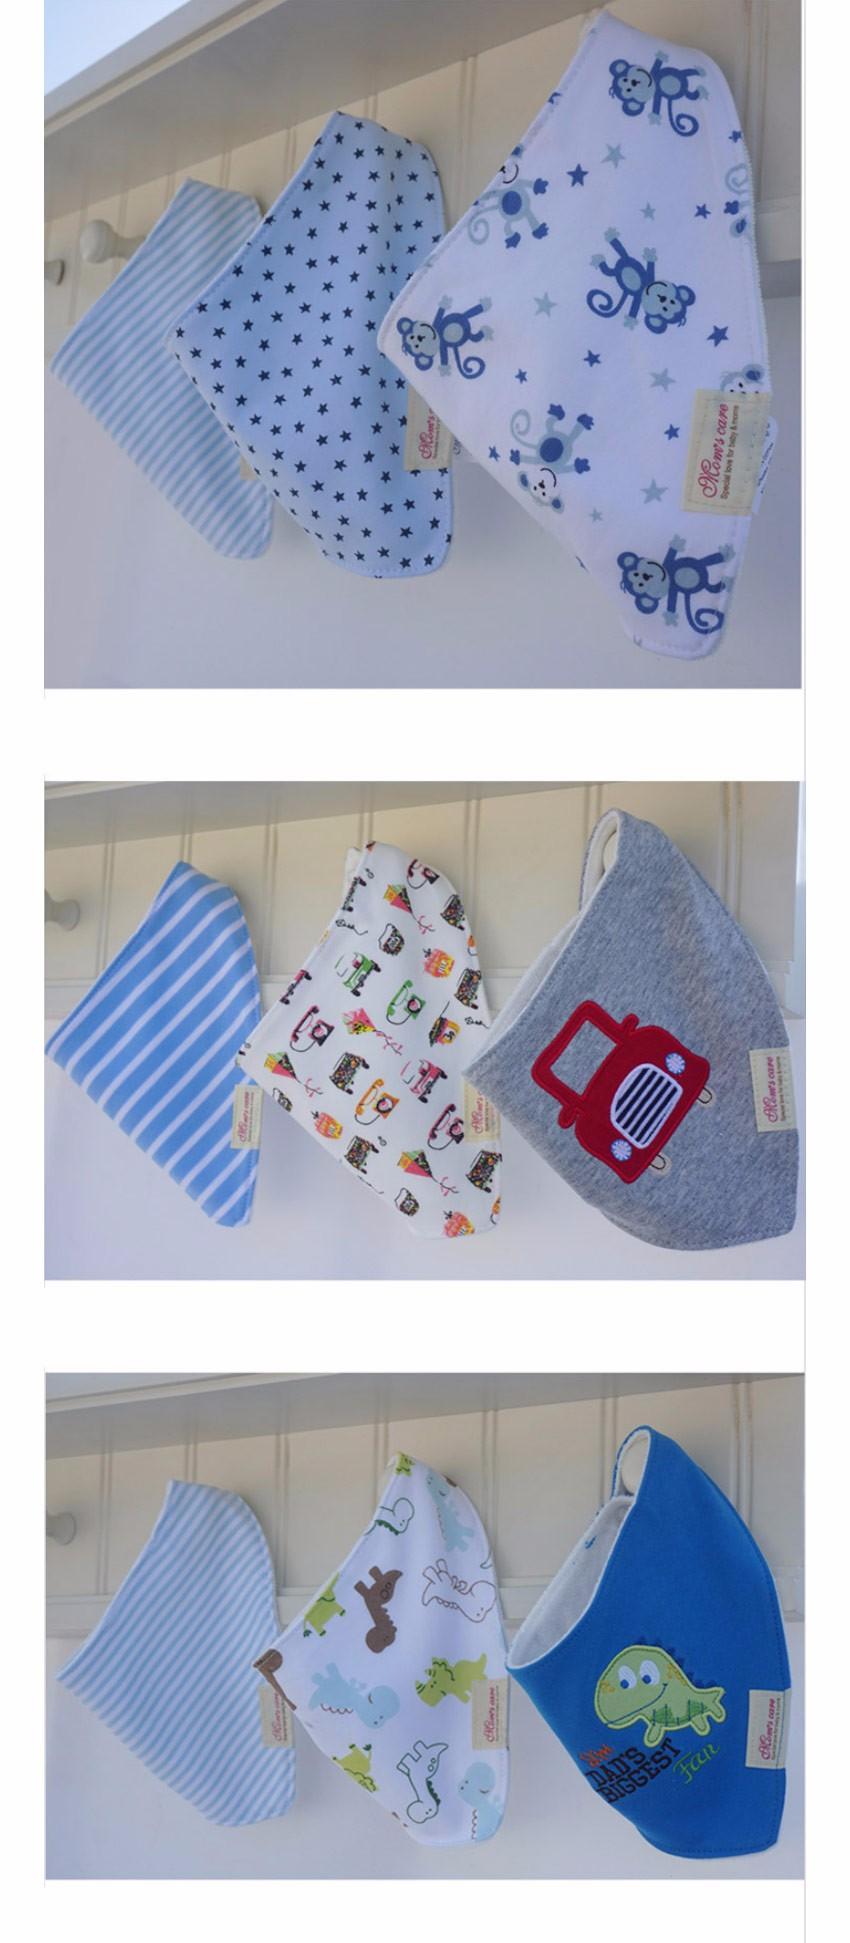 3 Pçs/lote Toalha de Algodão Bibs Do Bebê Das Meninas Dos Meninos Bibs Bandana Do Bebê Recém-nascido Do Bebê Bib Infantil Saliva Toalha Dos Desenhos Animados Da Criança Roupas